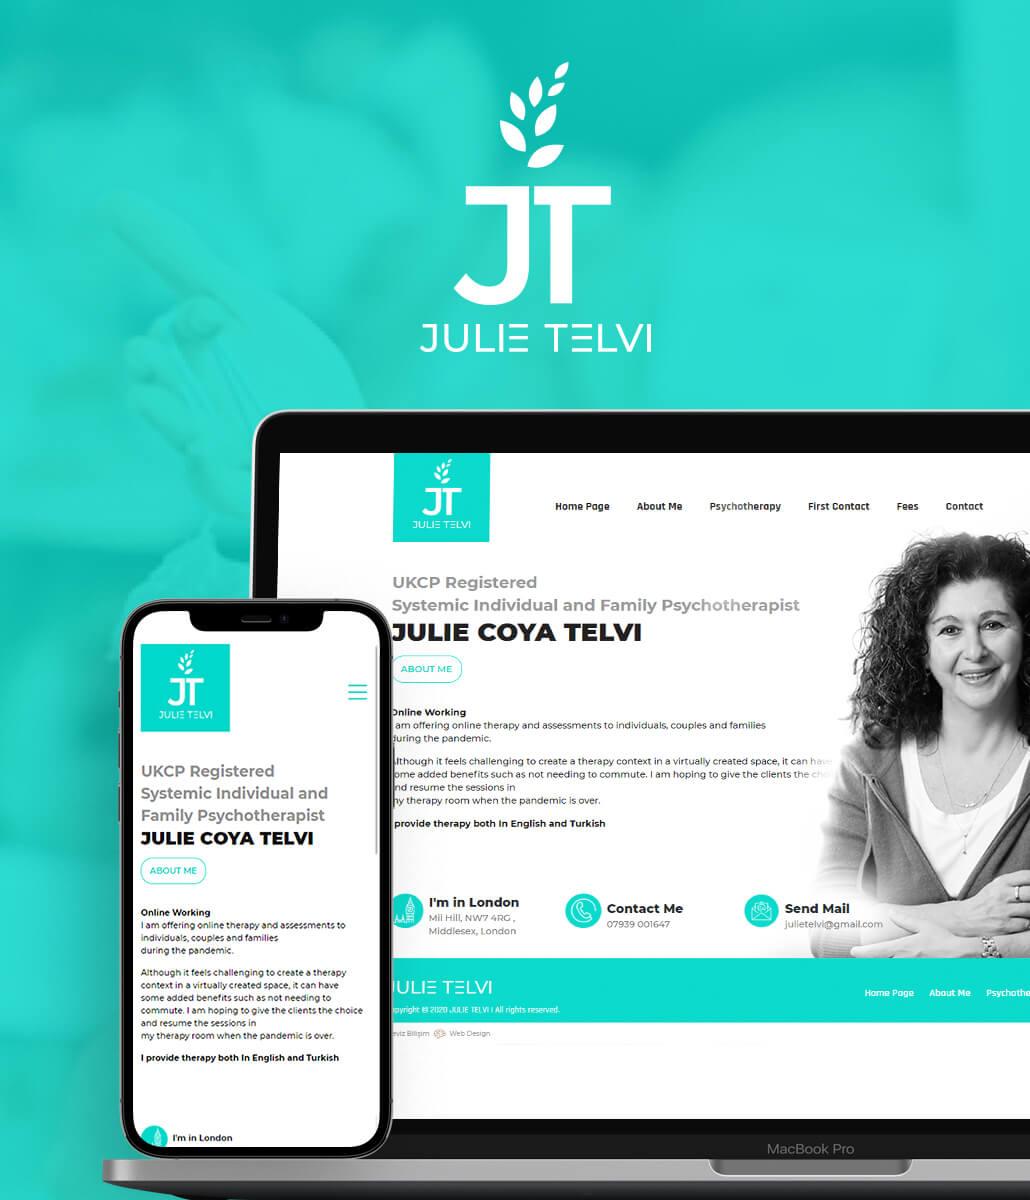 JULIE COYA TELVI WEB TASARIM